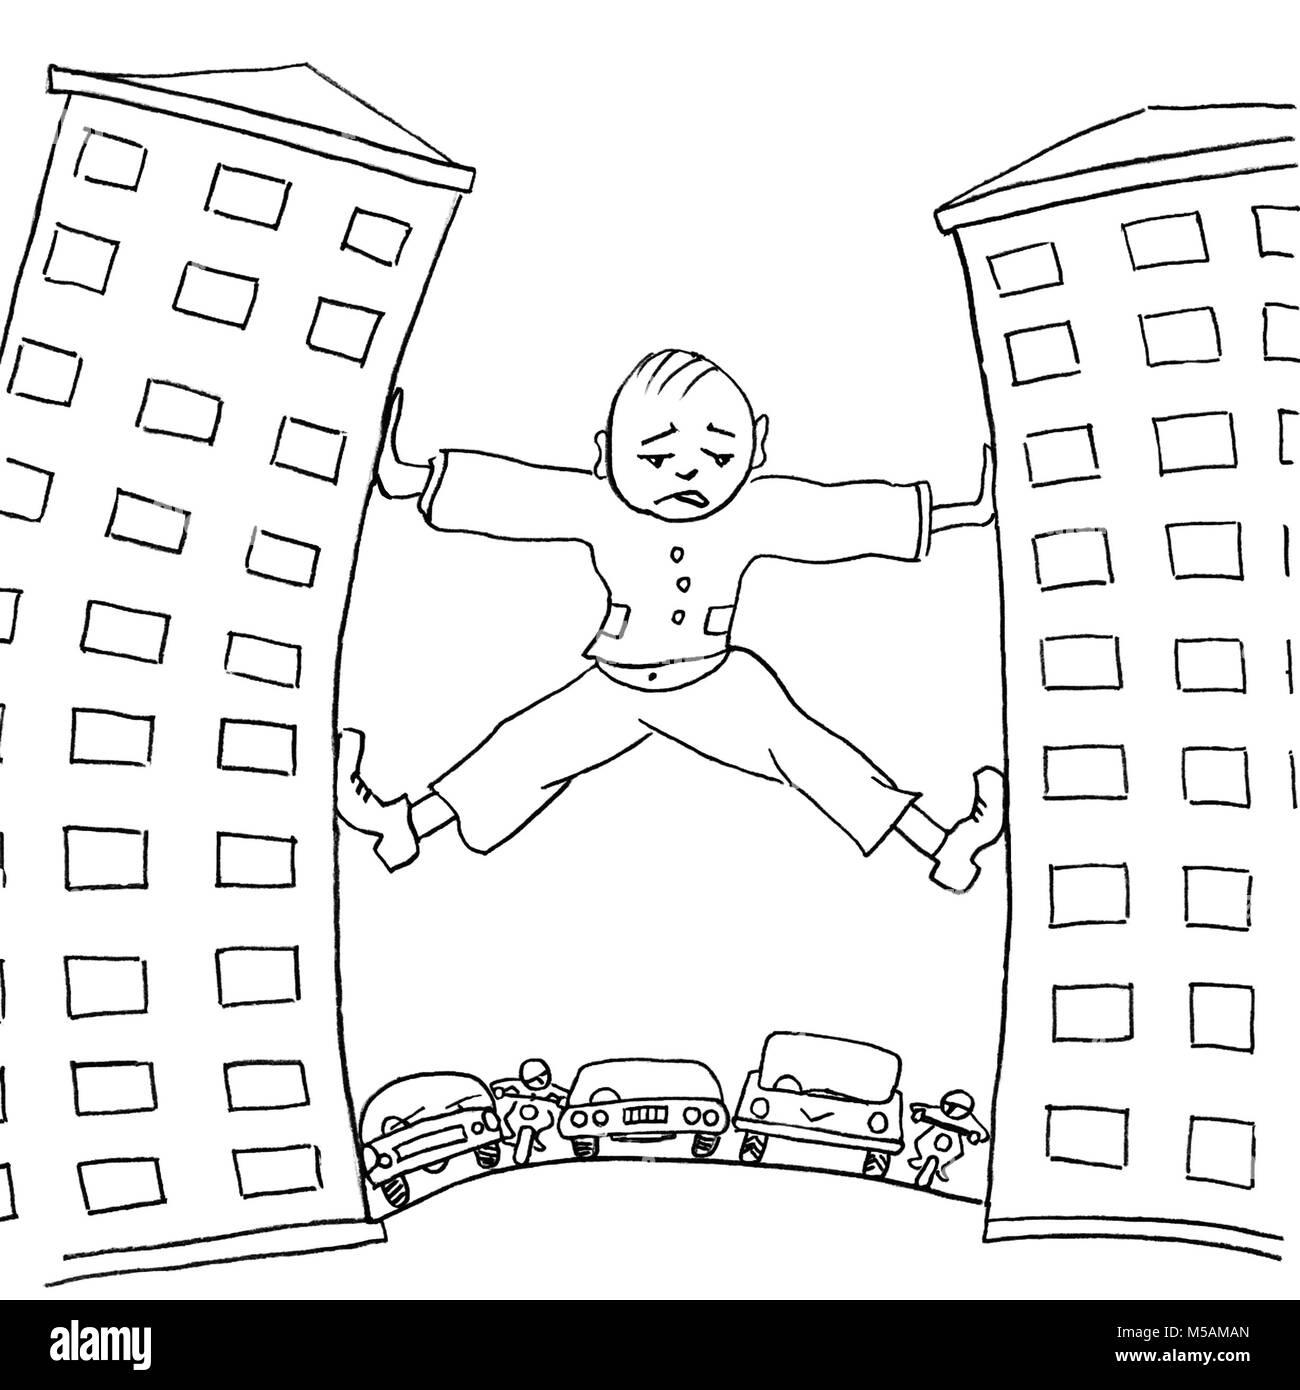 Line Drawing Simple Cartoon Stockfotos Line Drawing Simple Cartoon